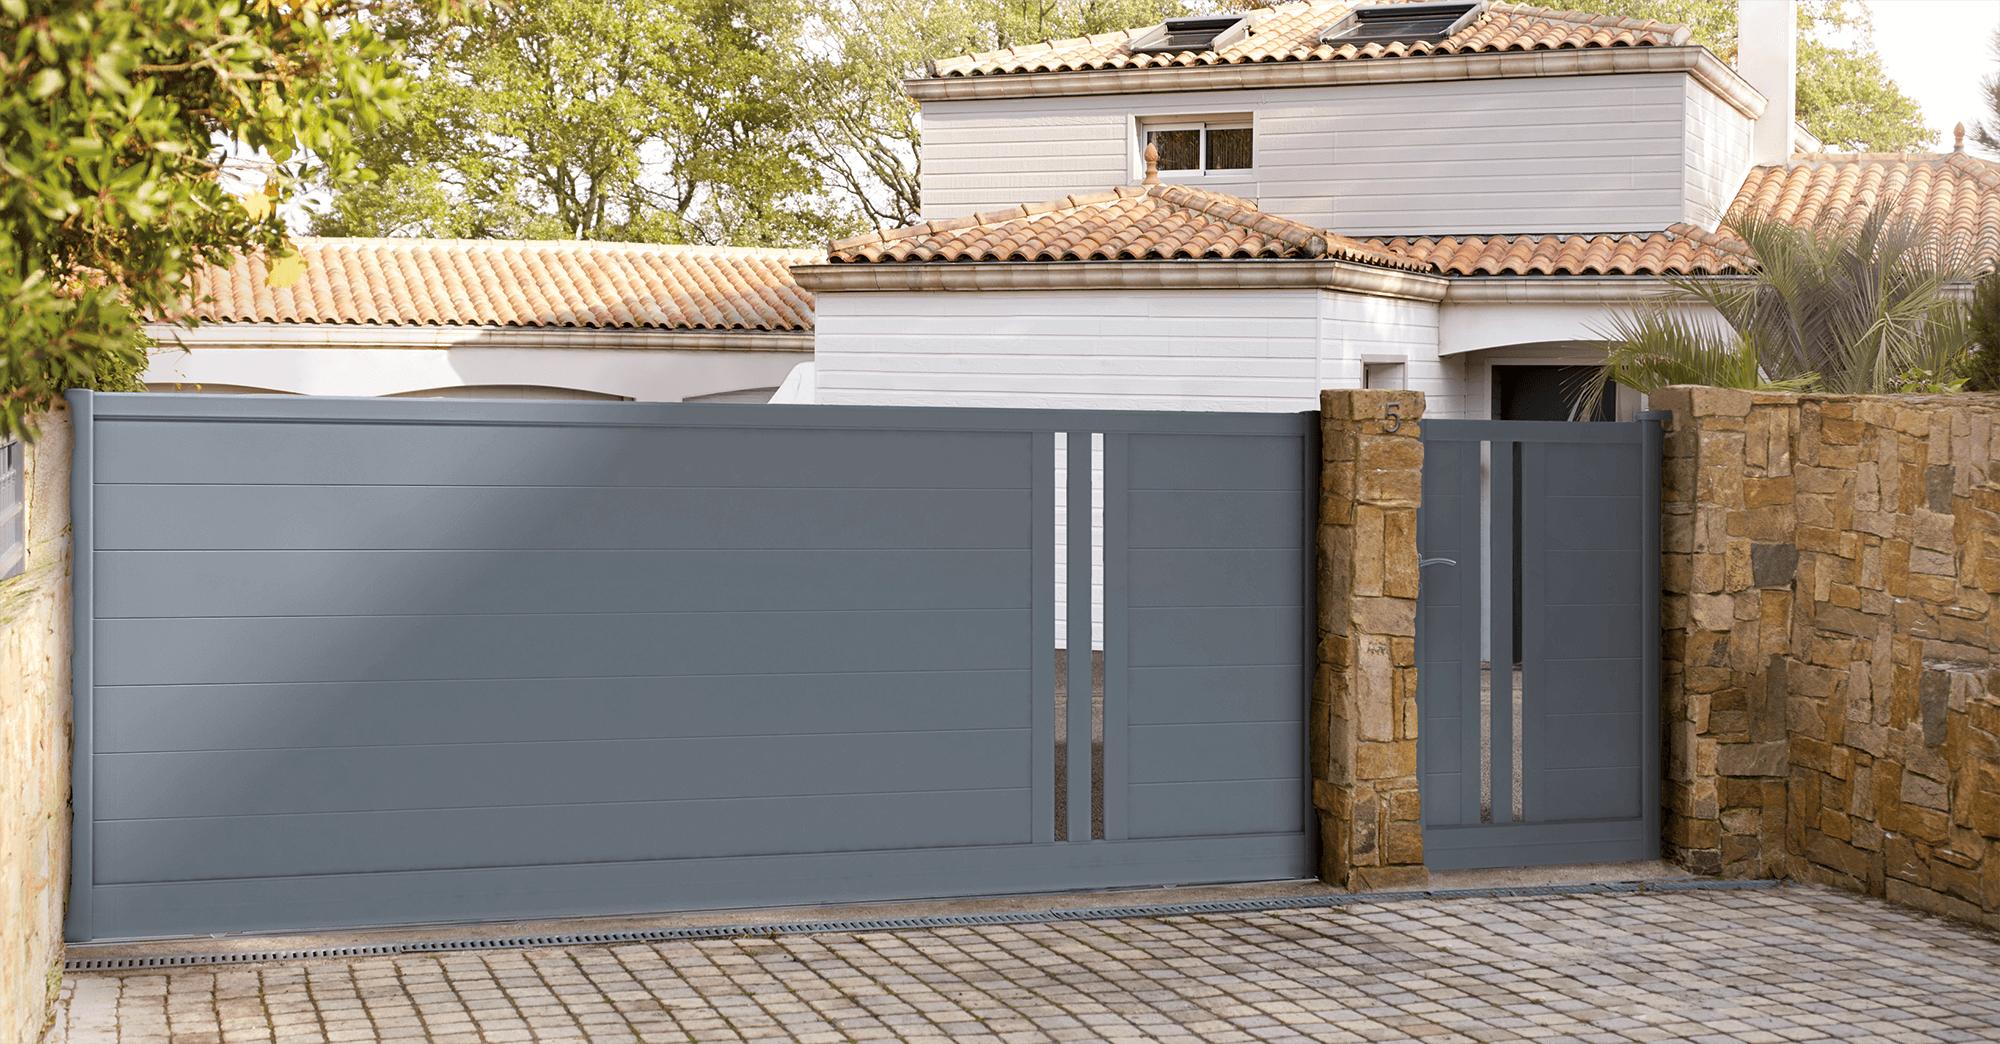 Super Portail aluminium Popillo - Les modèles contemporains | Charuel WM42